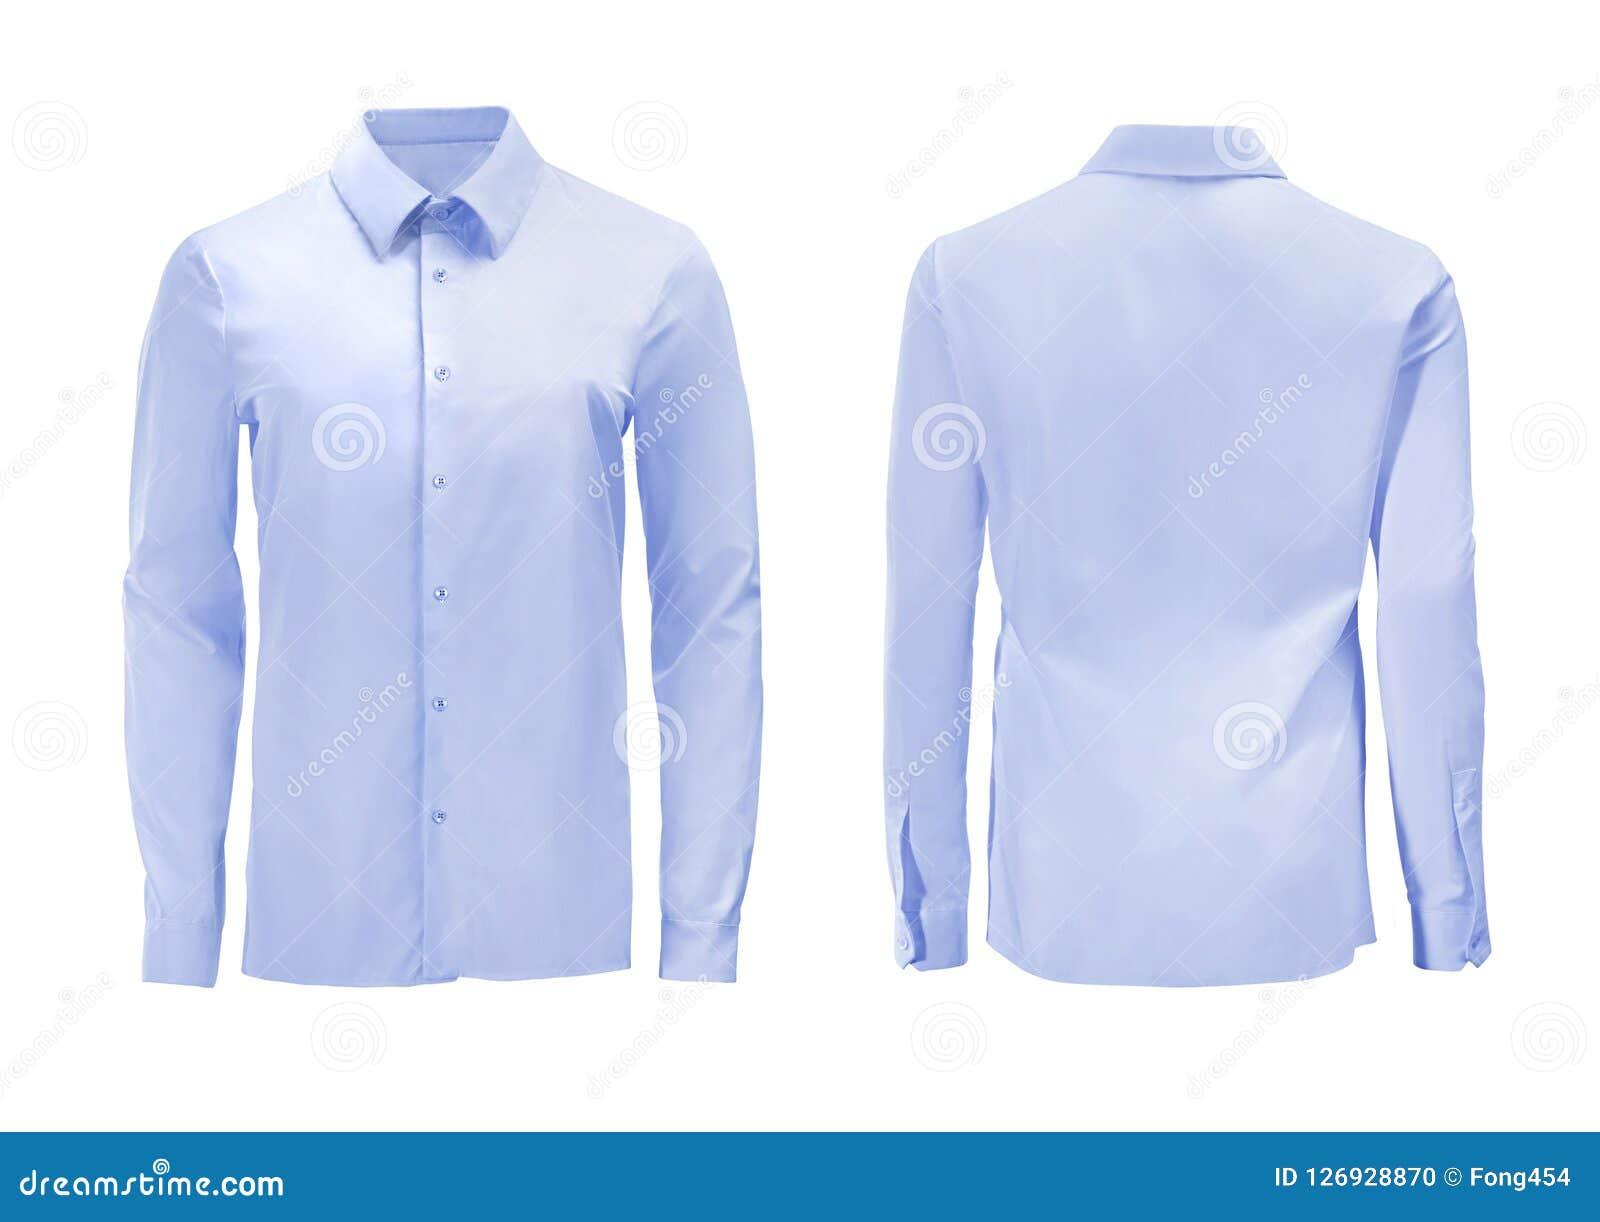 蓝色有在丝毫隔绝的下来按钮衣领的颜色正式衬衣